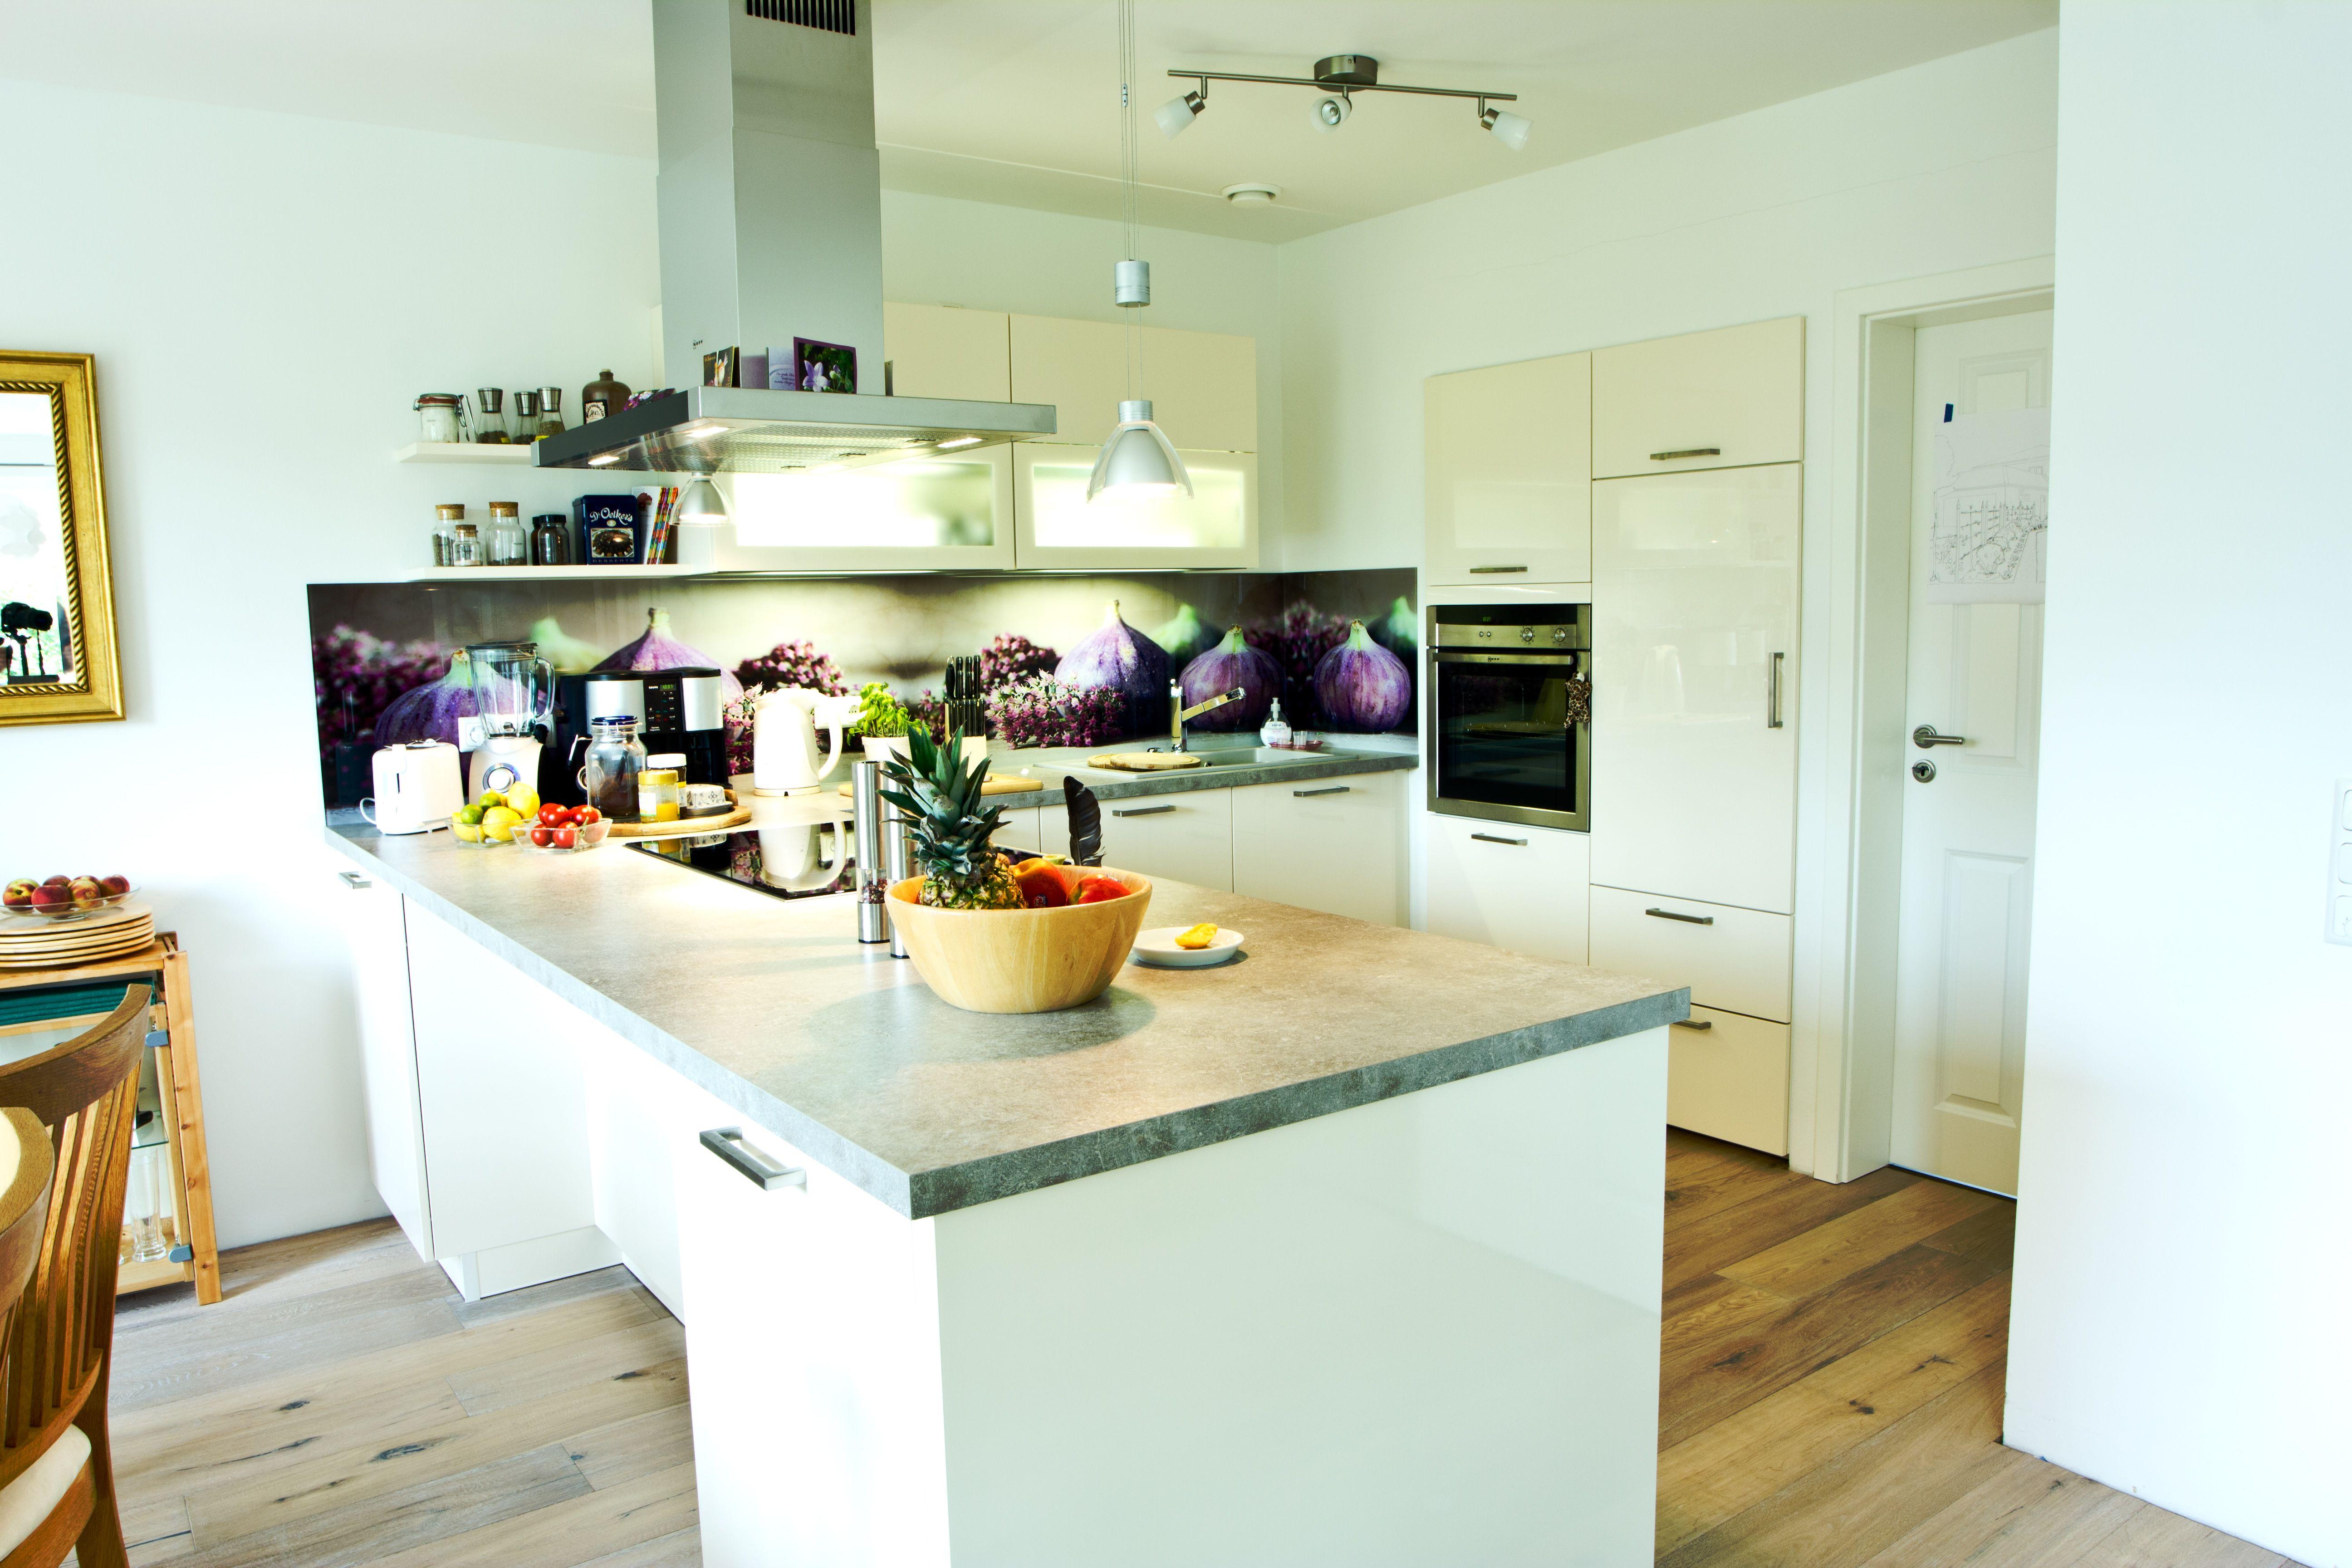 Ungewöhnlich Kücheneinheit Mit Belfast Sink Fotos - Ideen Für Die ...